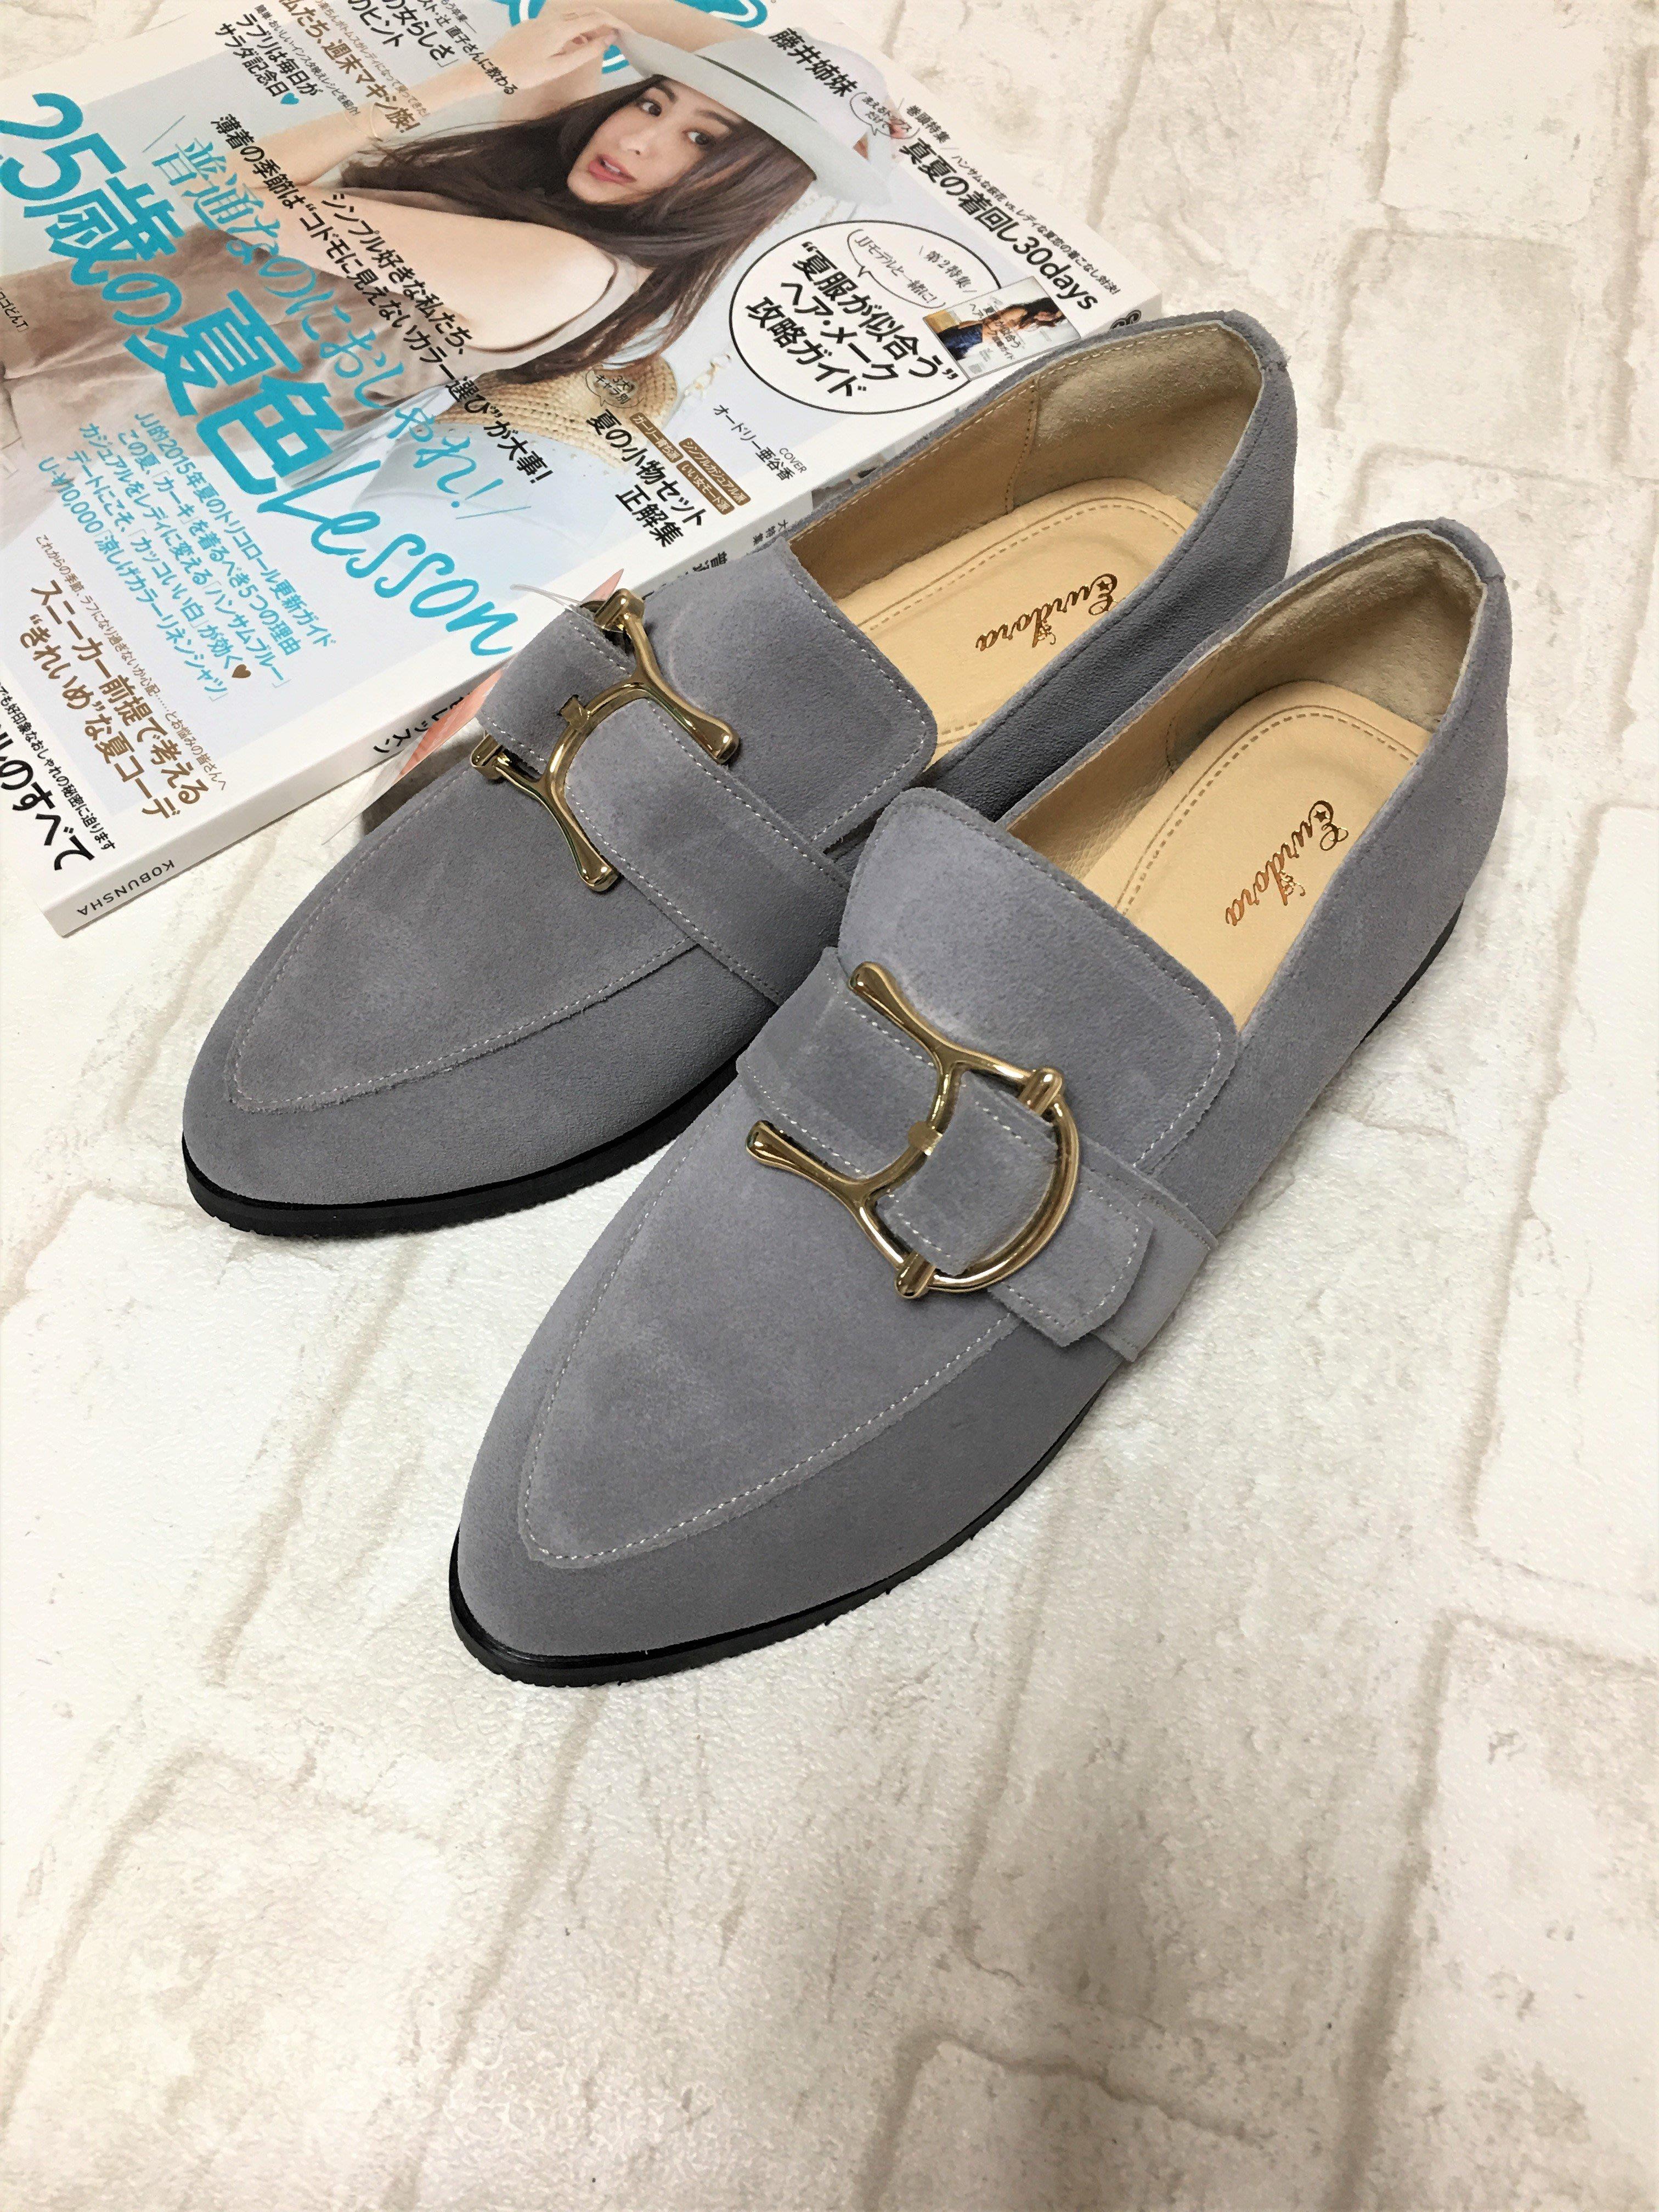 現貨出清~台灣手工製 3M防水真牛皮休閒鞋–藍灰色 1319-23-1   米蘭風情